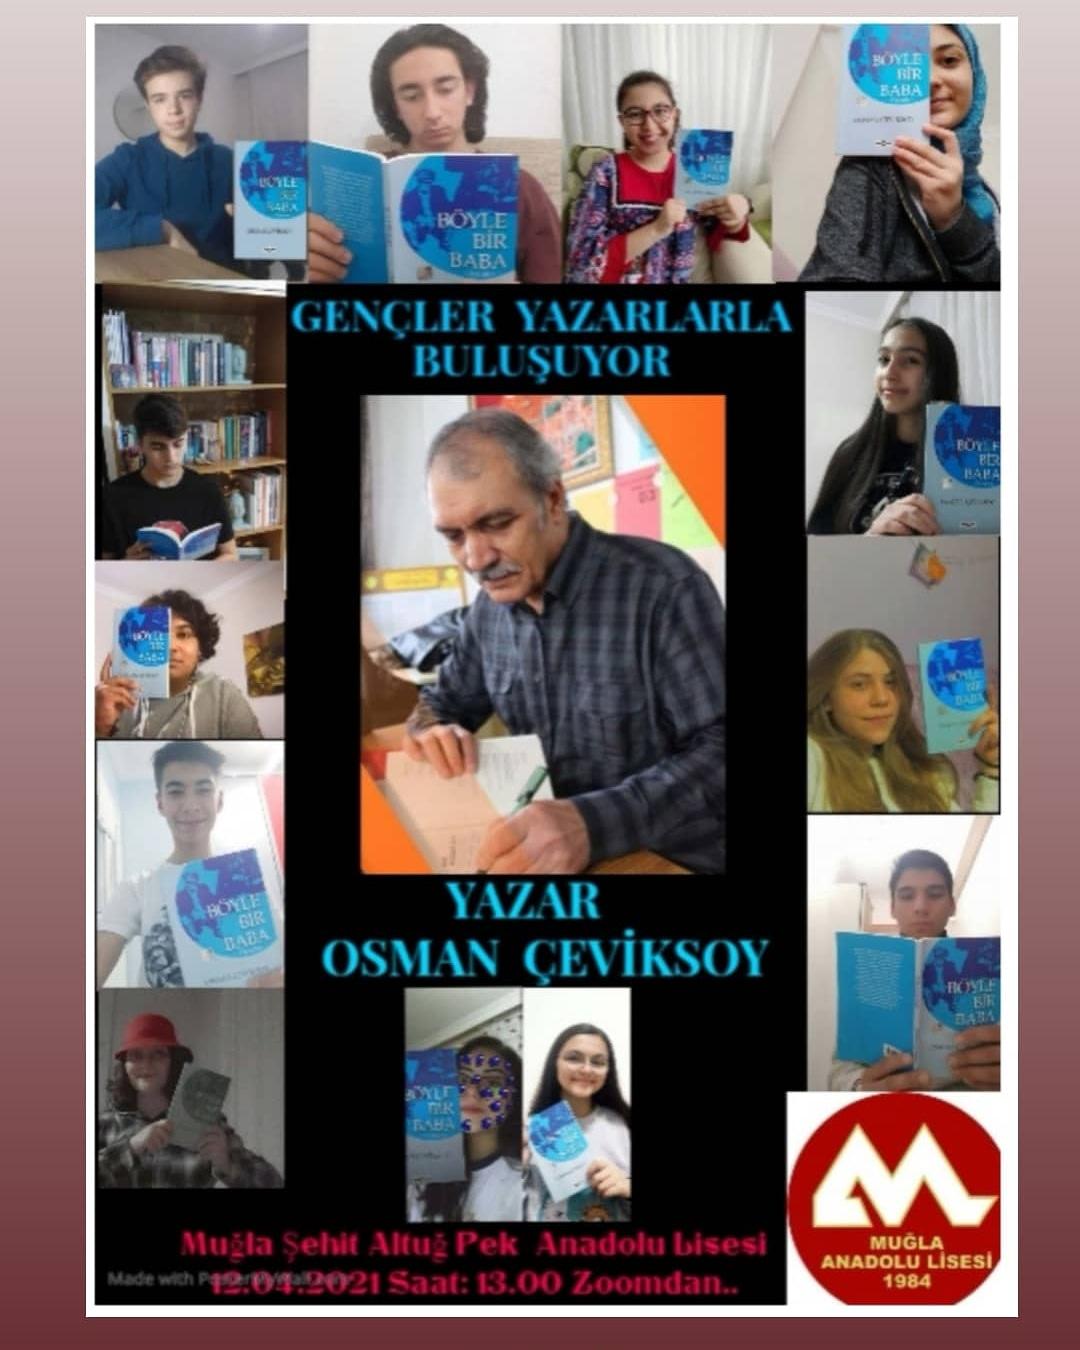 """Muğla Şehit Altuğ Pek Anadolu Lisesi """"Gençler Yazarlarla Buluşuyor"""" projesinde üçüncü söyleşiyi Osman Çeviksoy ile gerçekleştirdi."""